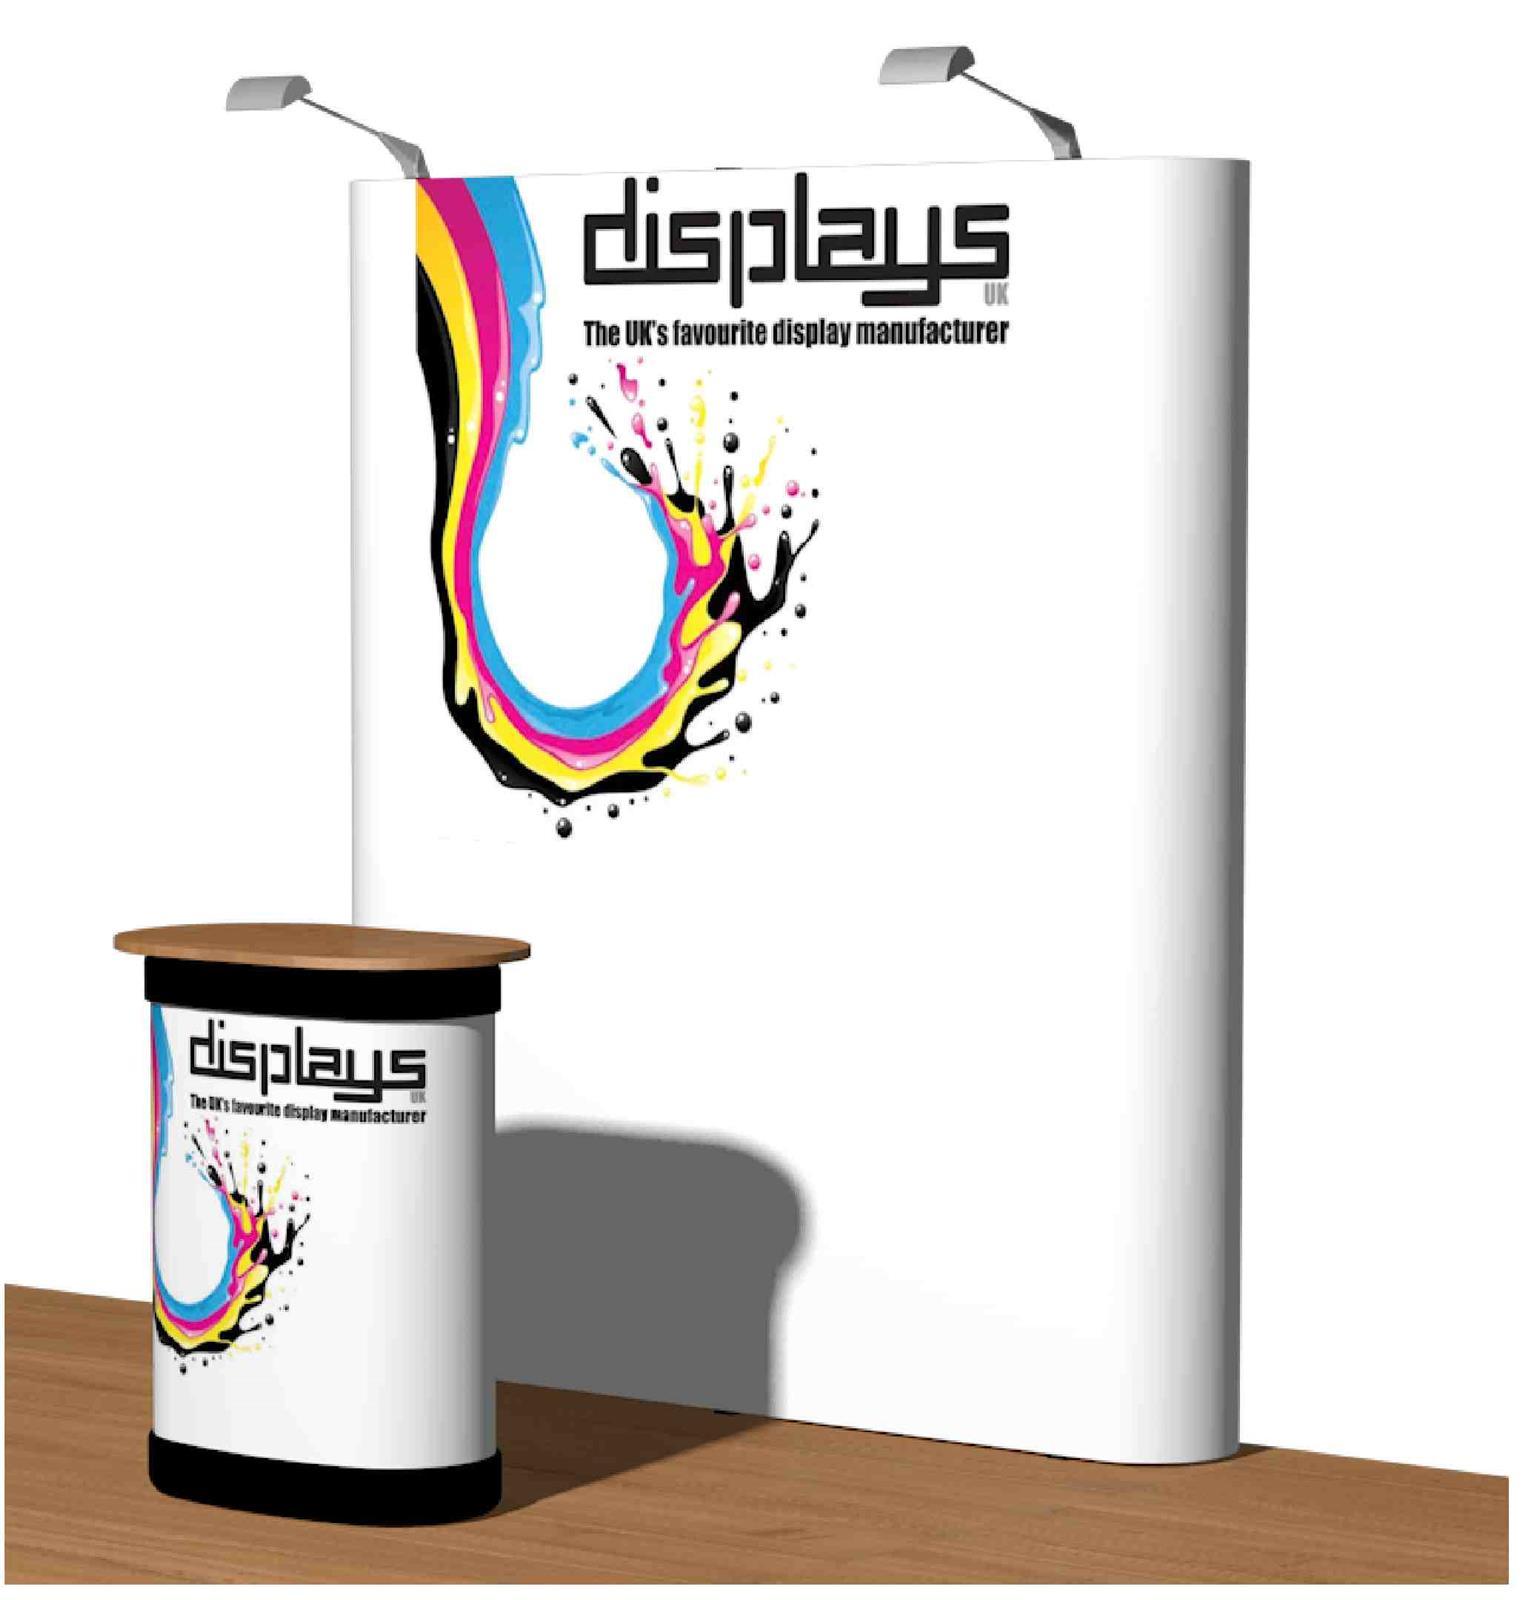 3x2 Visage Straight Premium Pop Up Exhibition Stand